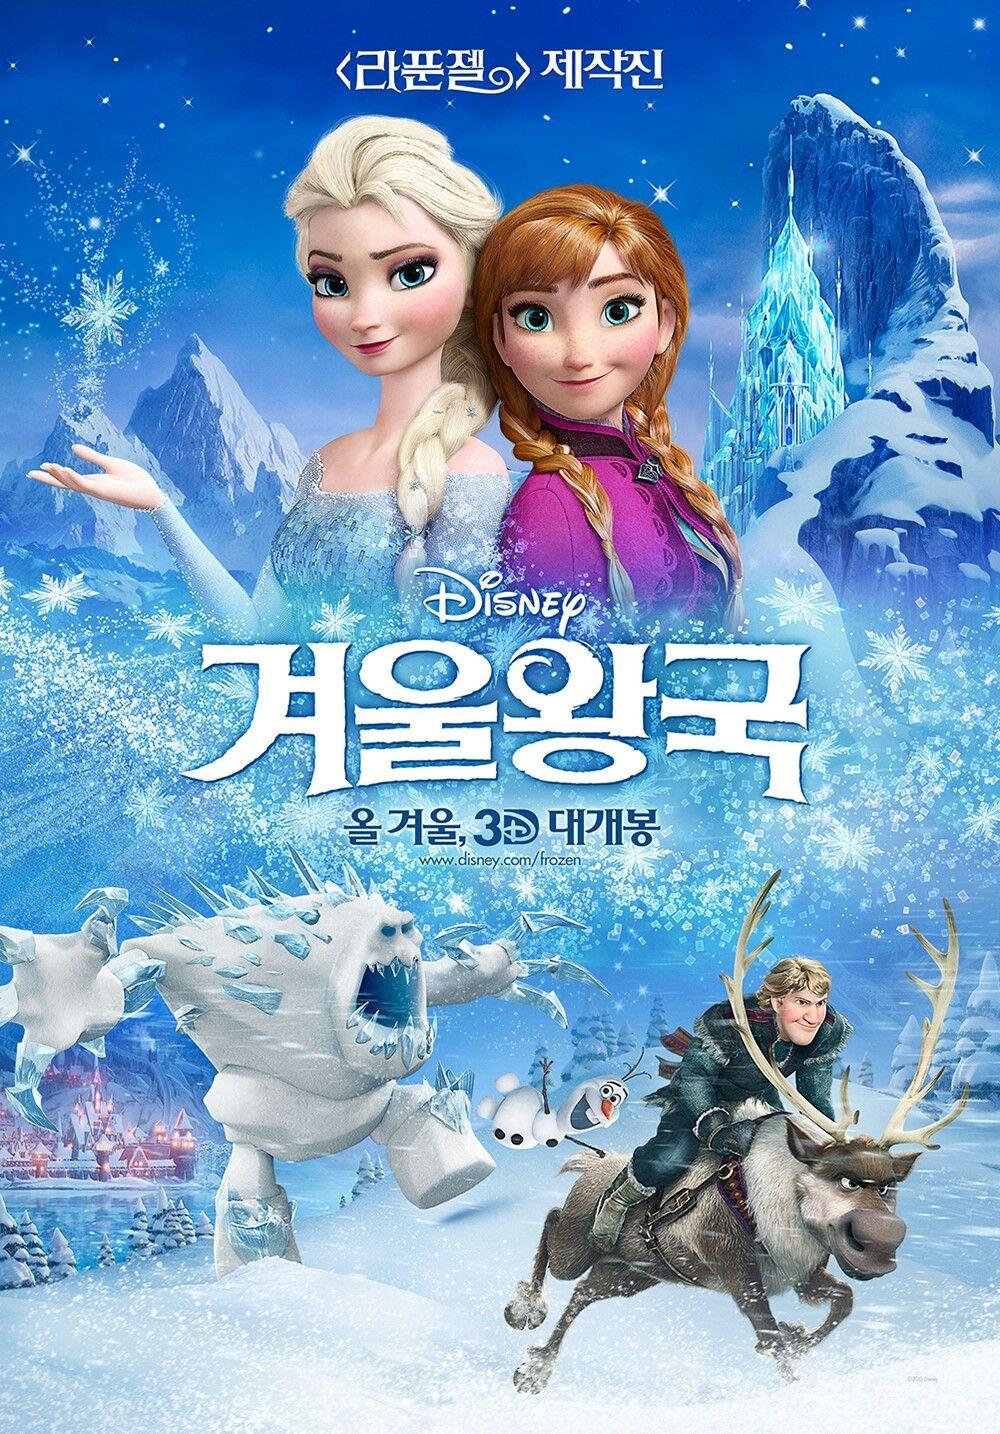 Pin De Rodrigo Santos Martins Em Frozen Friends Com Imagens